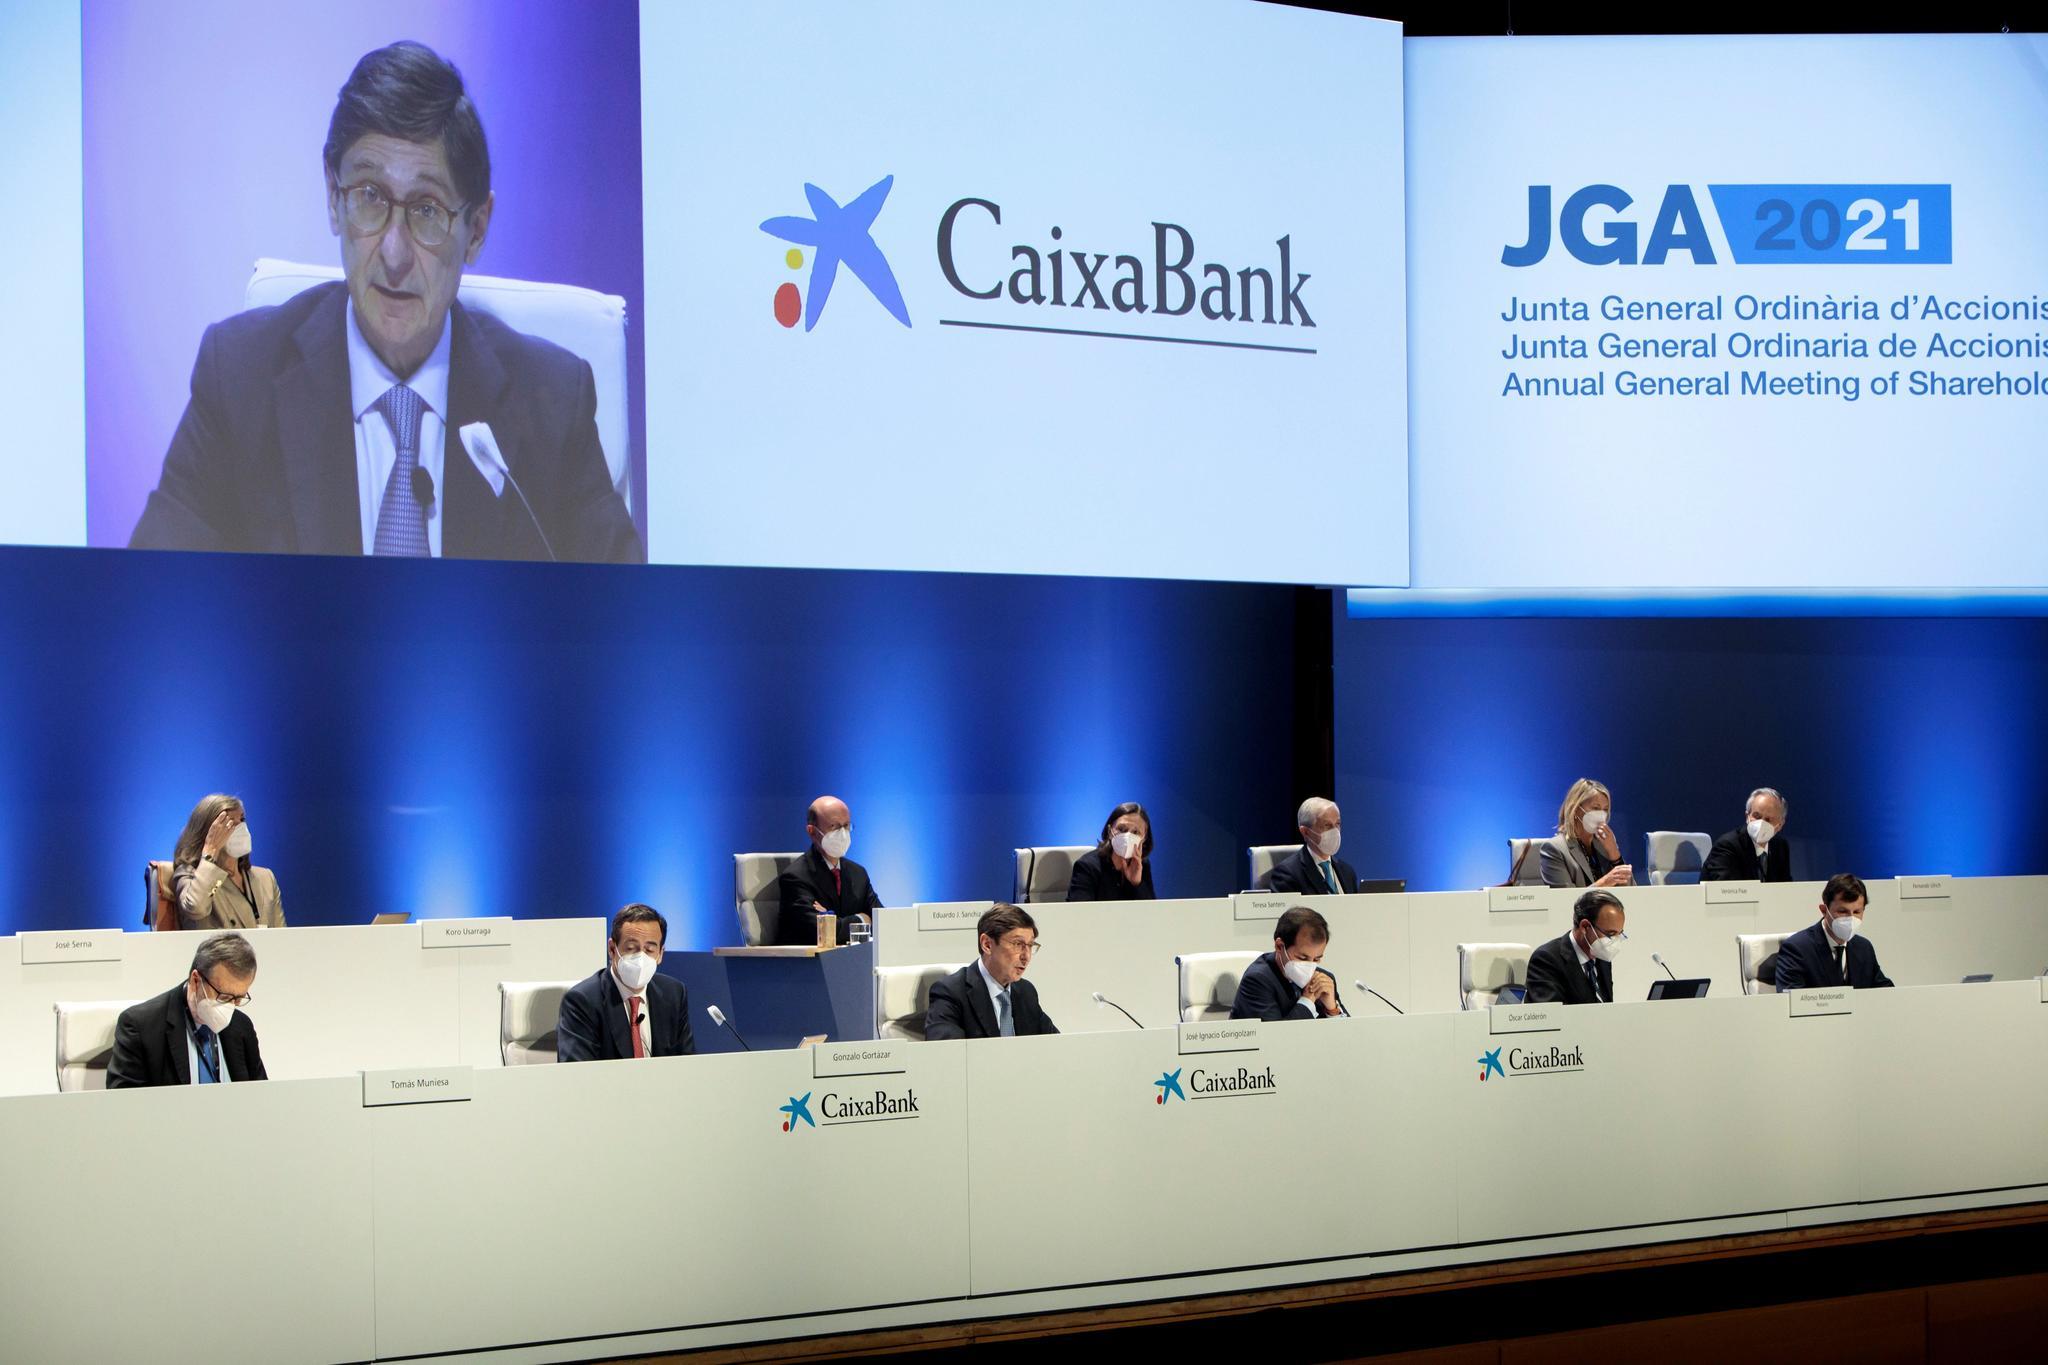 Junta de accionistas de CaixaBank, presidida por José Ignacio Goirigolzarri.